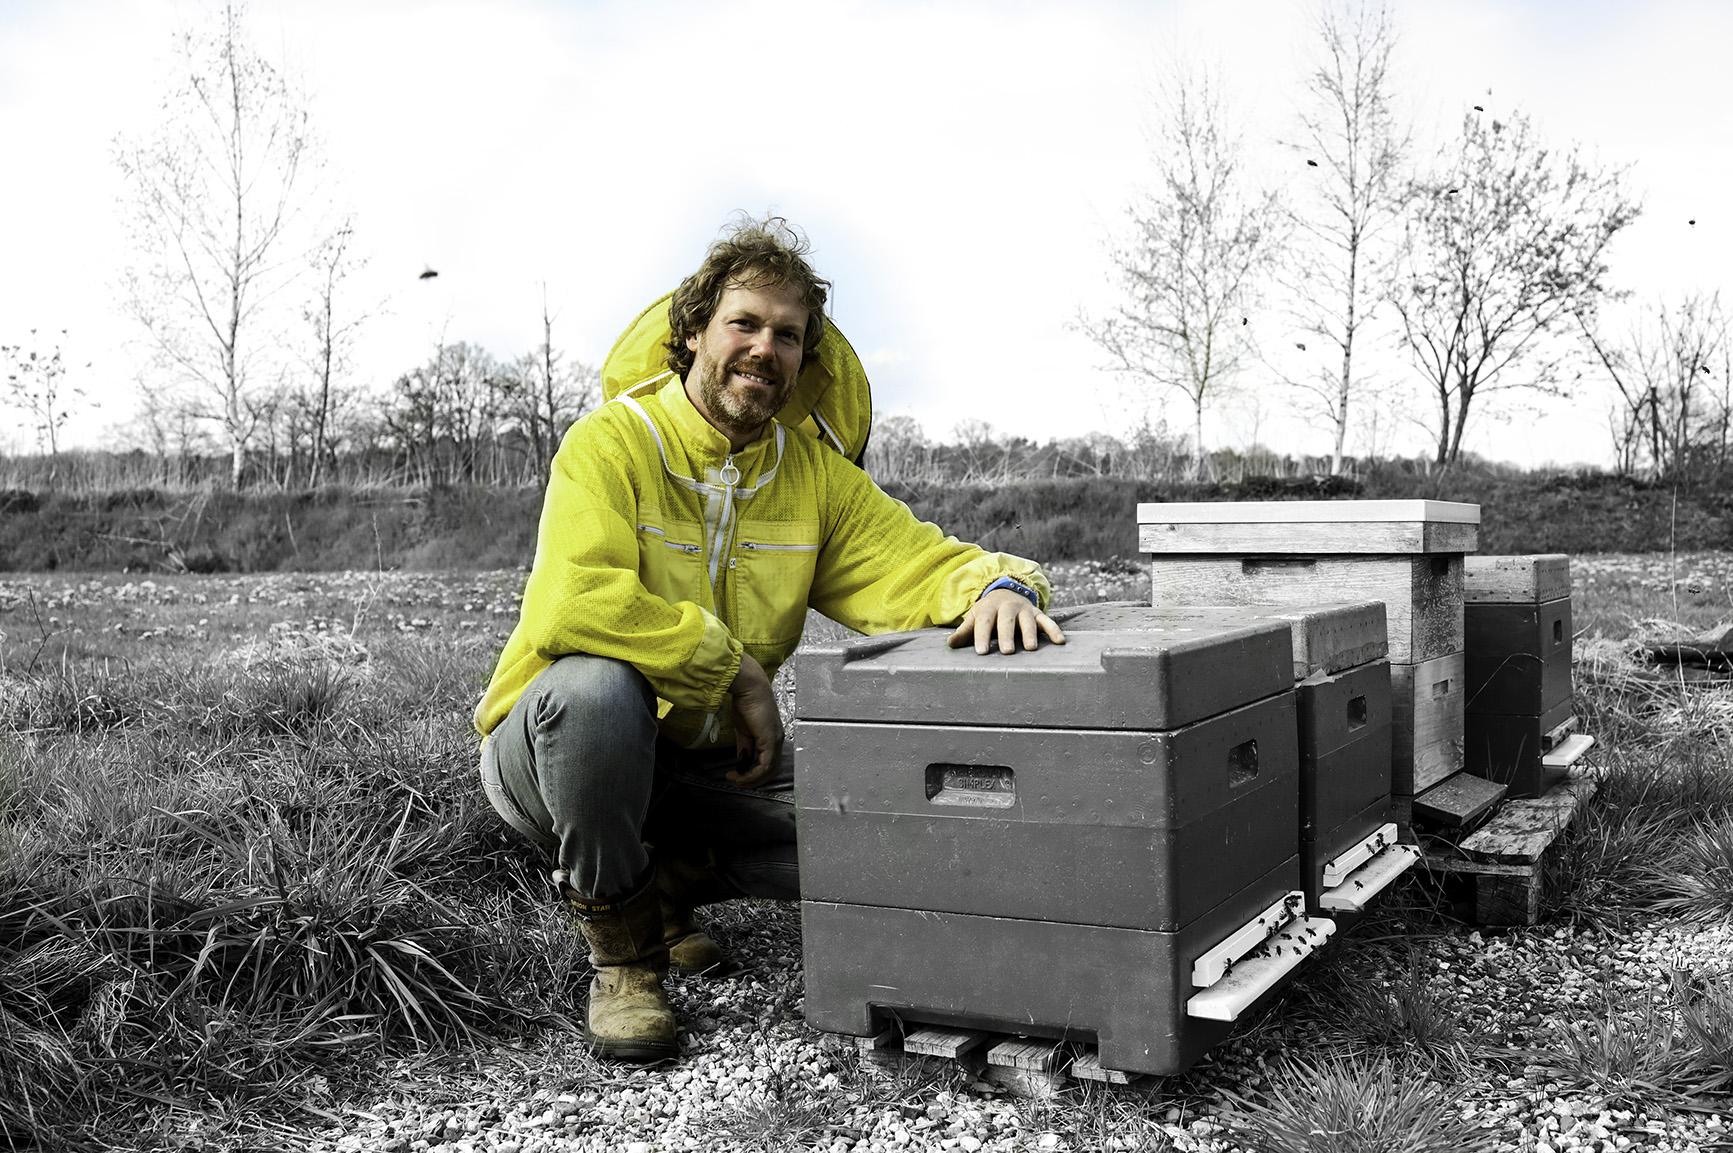 Bijenkasten huren door heel Nederland